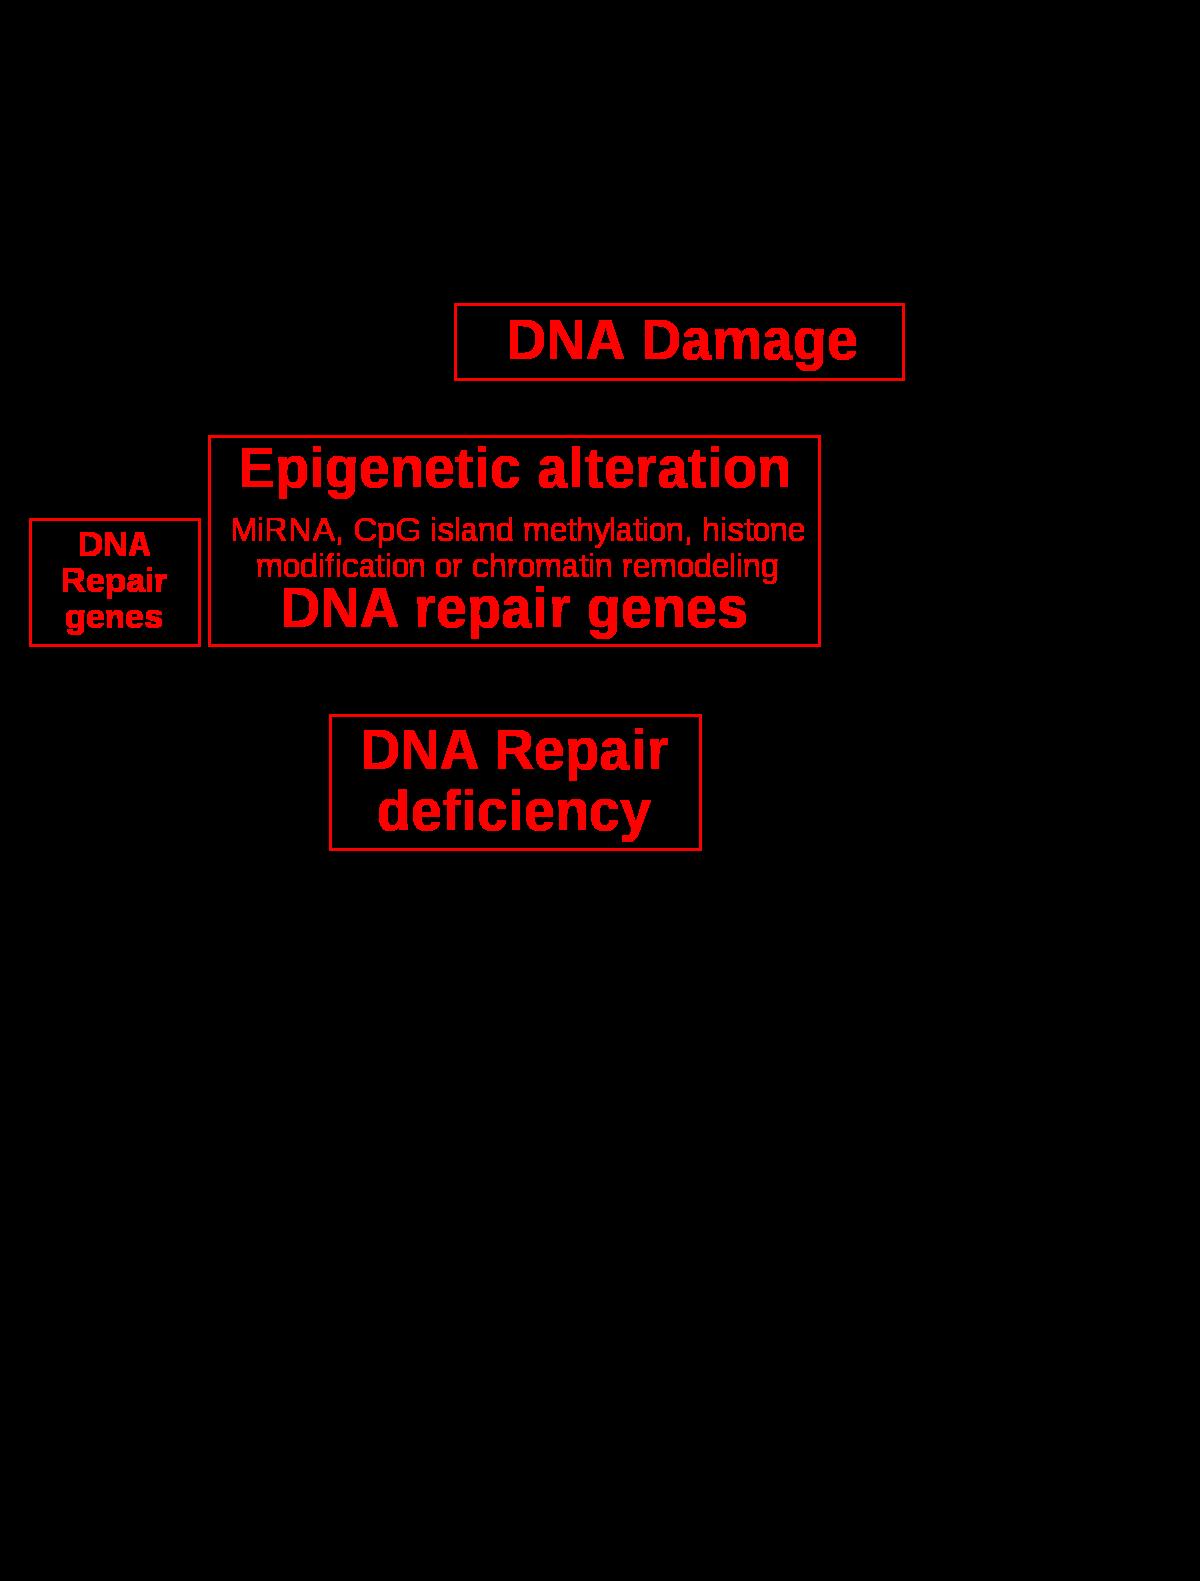 a giardiasis cdc életciklusa amelynek nemi szemölcsét eltávolították